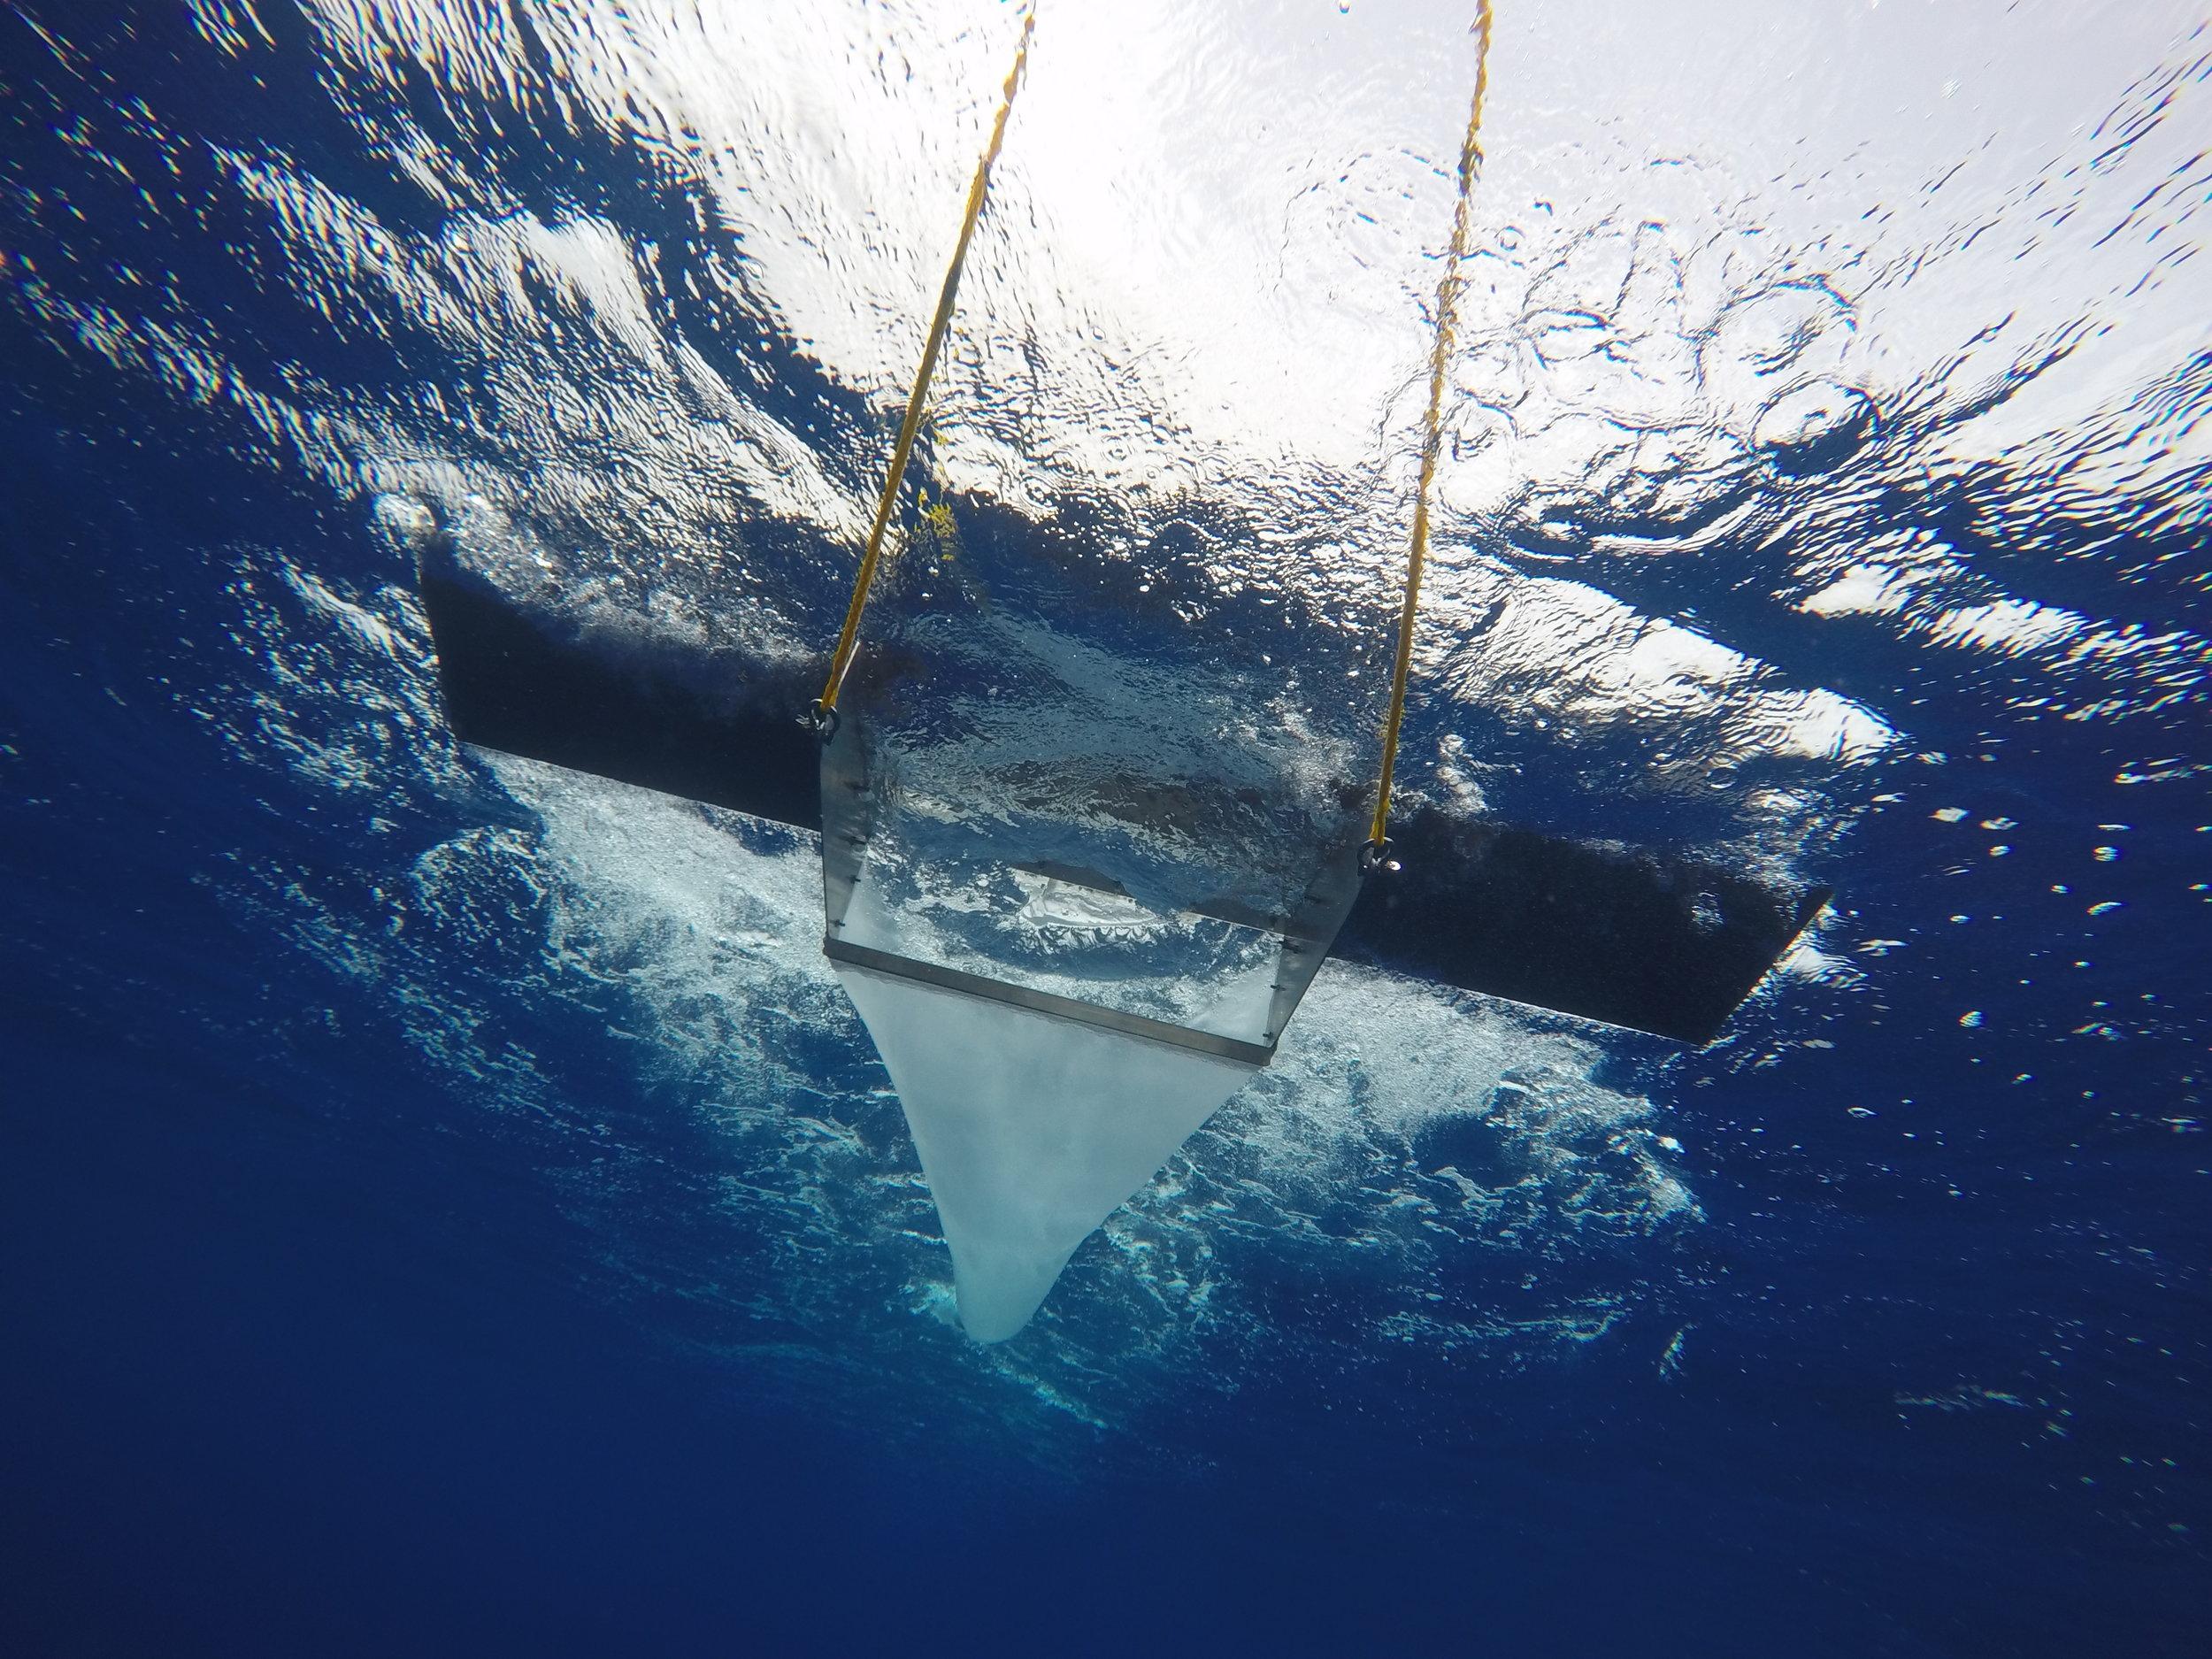 MUESTREOS DE ESPECIES Y SEGUIMIENTO DE DESECHOS MARINOS - Para gestionar y proteger con éxito la biodiversidad en torno a la cuenca balear, llevamos a cabo un seguimiento constante de ballenas, delfines, tortugas marinas, atunes y aves marinas. Actualmente, también estamos investigando las partículas de microplástico que se encuentran el Mediterráneo.